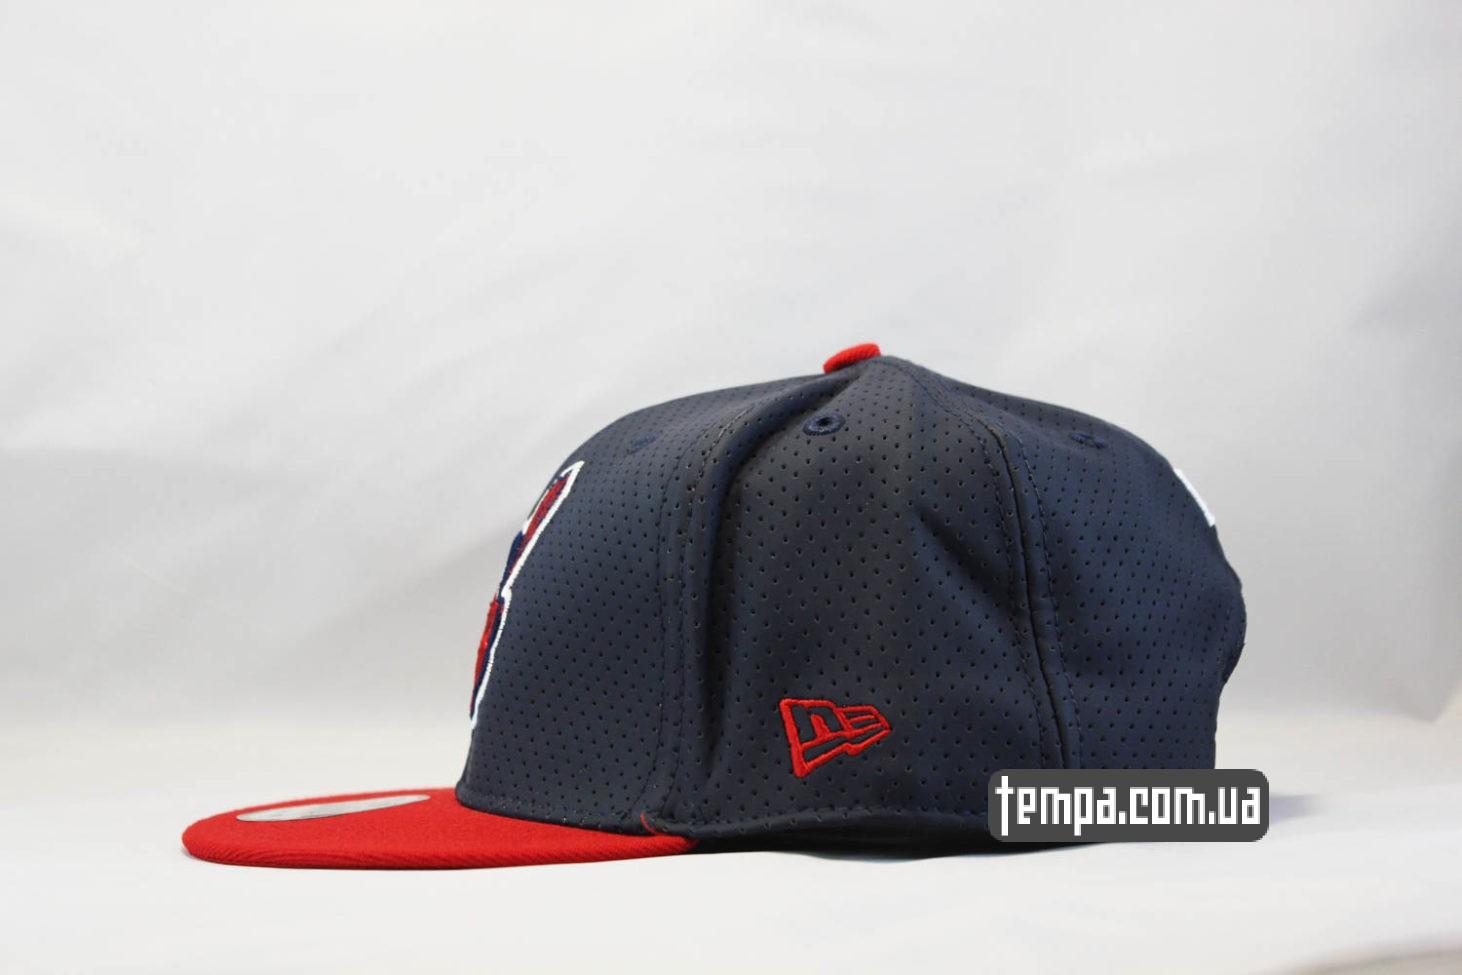 индейская кепка бейсболка кепка snapback Cleveland Indians New Era trucker с сеточкой